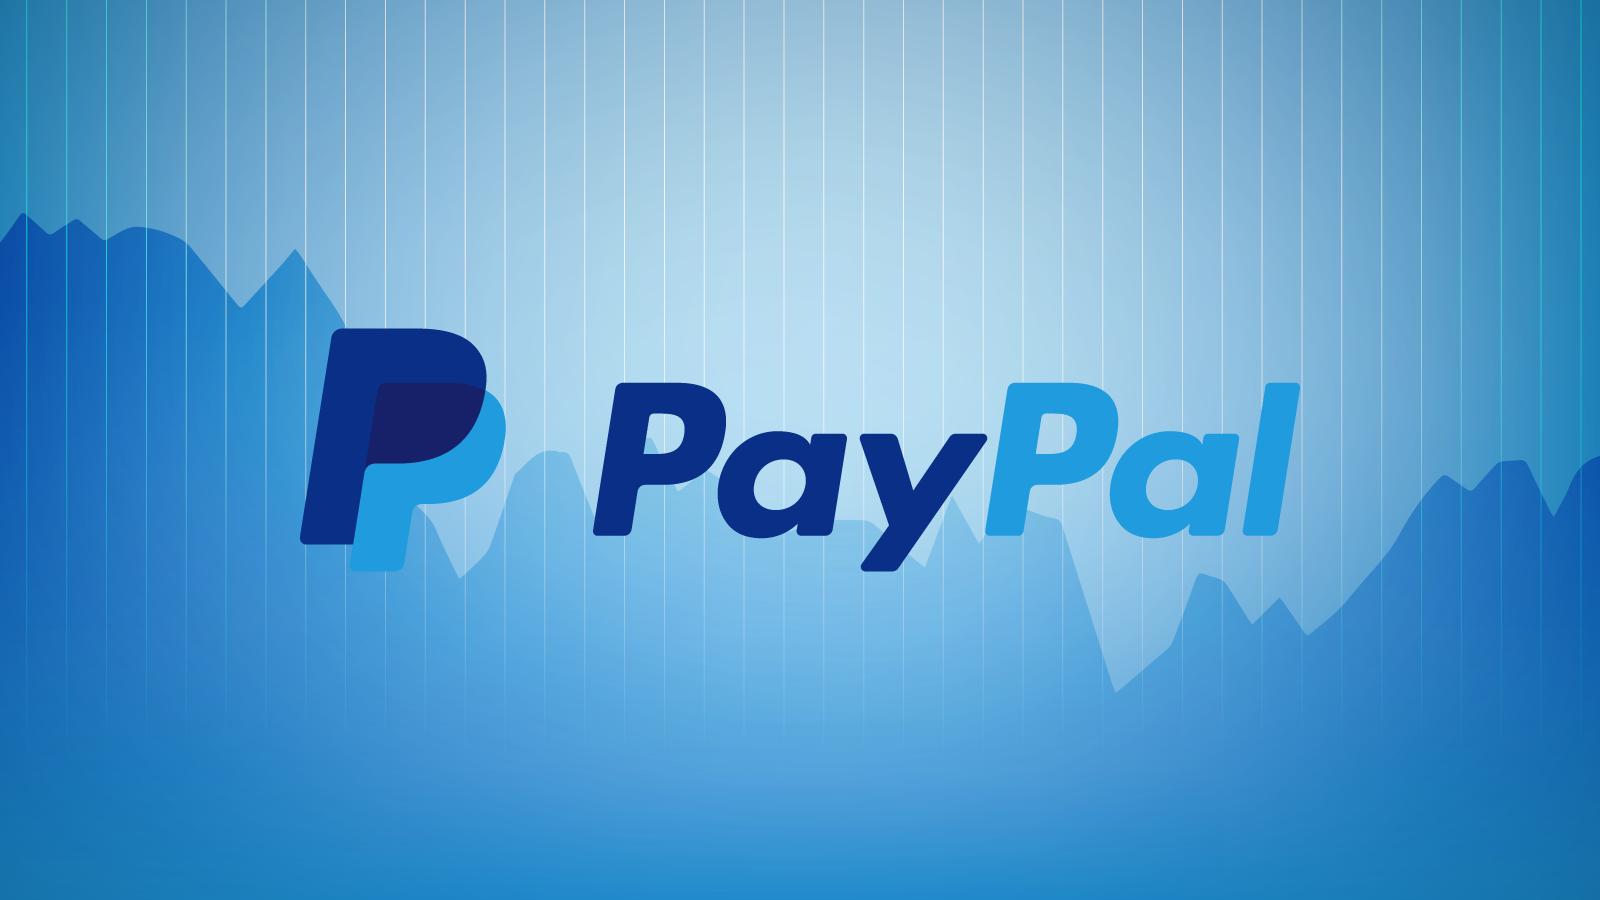 Se vende Paypal a 2500 solo por hoy!